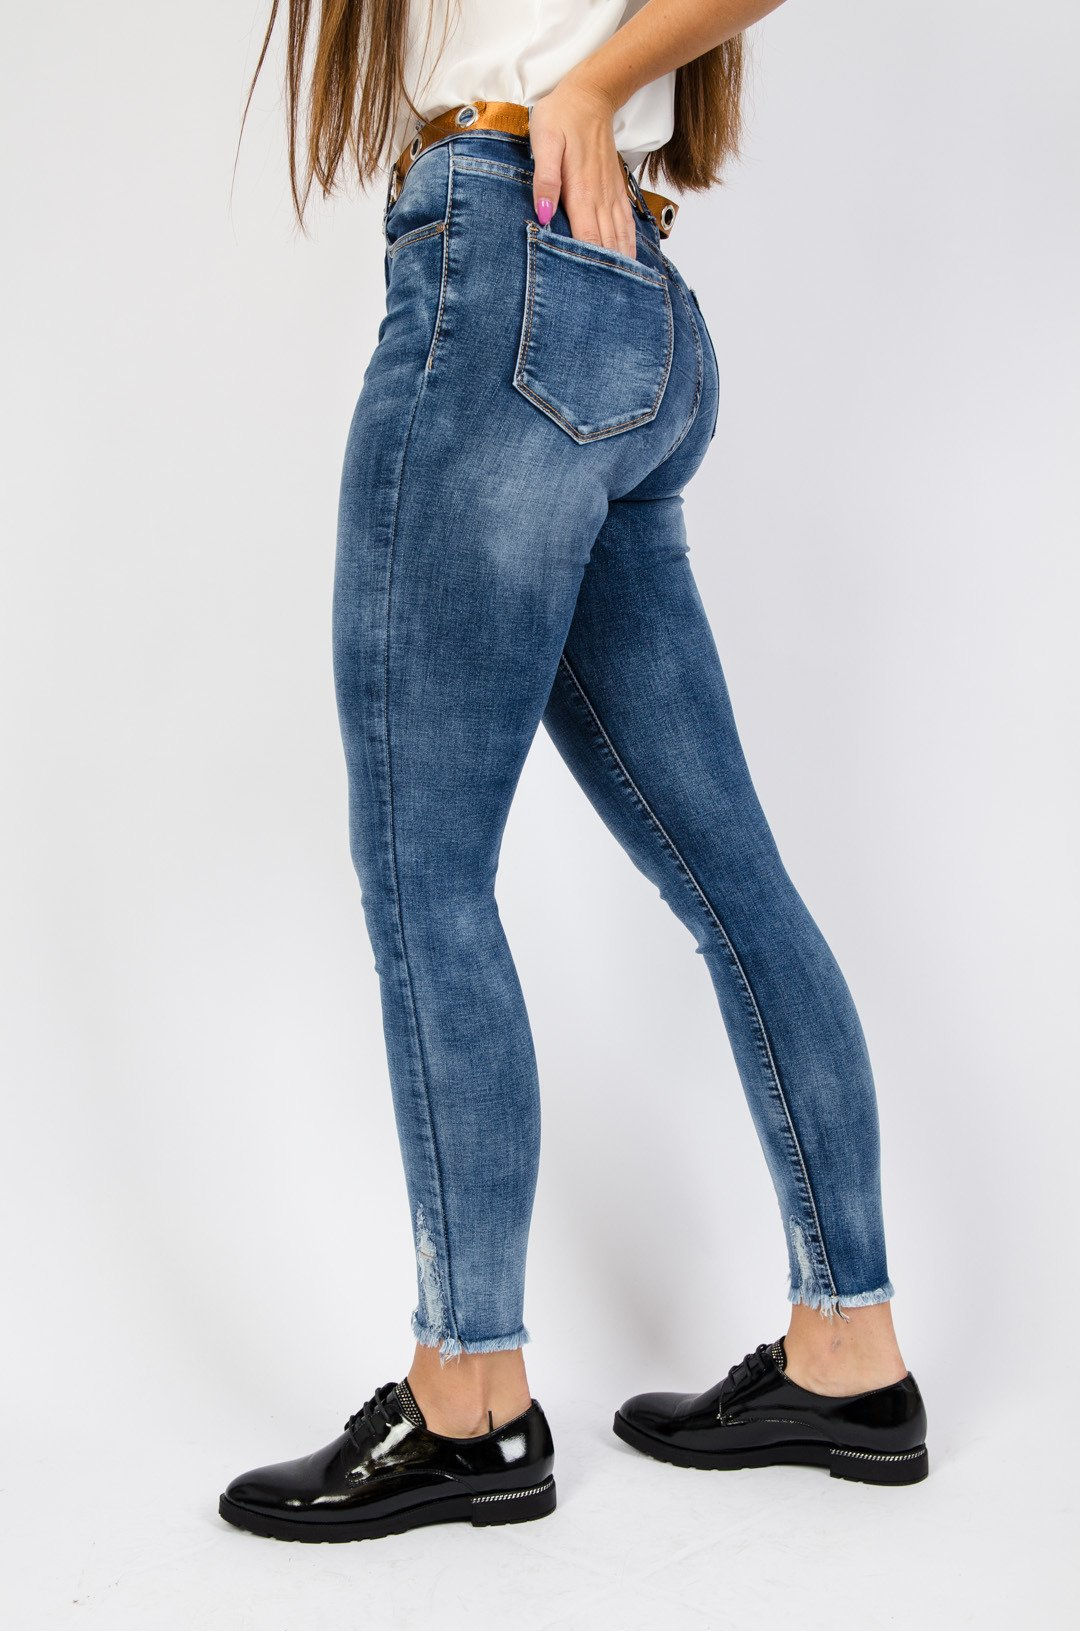 Ciemne spodnie jeansowe z wysokim stanem i szarpaniem na dole nogawki + pasek